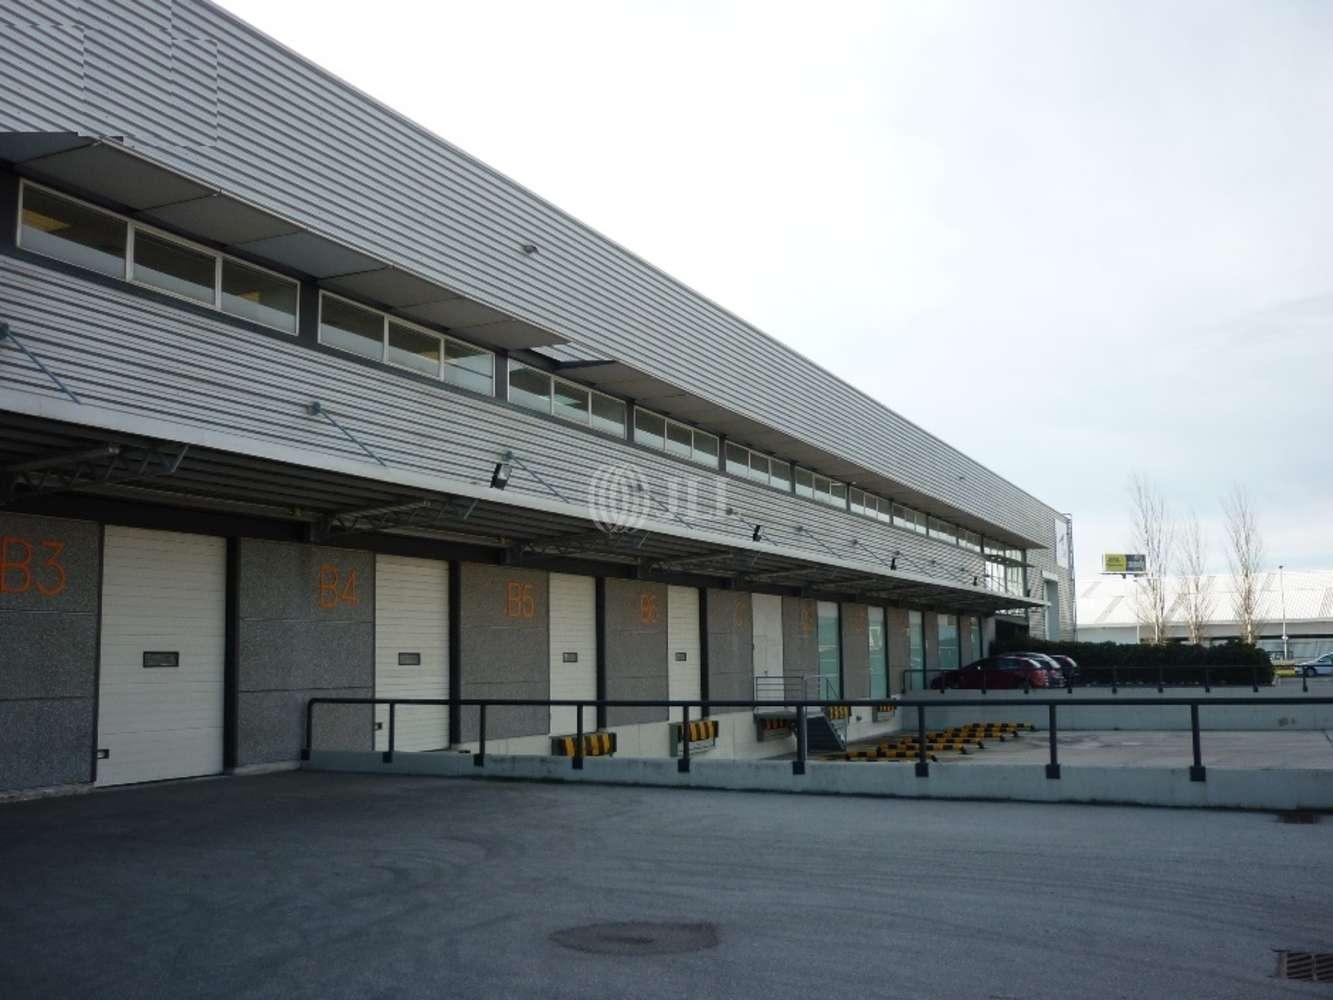 Naves industriales y logísticas El prat de llobregat, 08820 - Nave Logistica - B0148 - PI MAS BLAU II - 3853